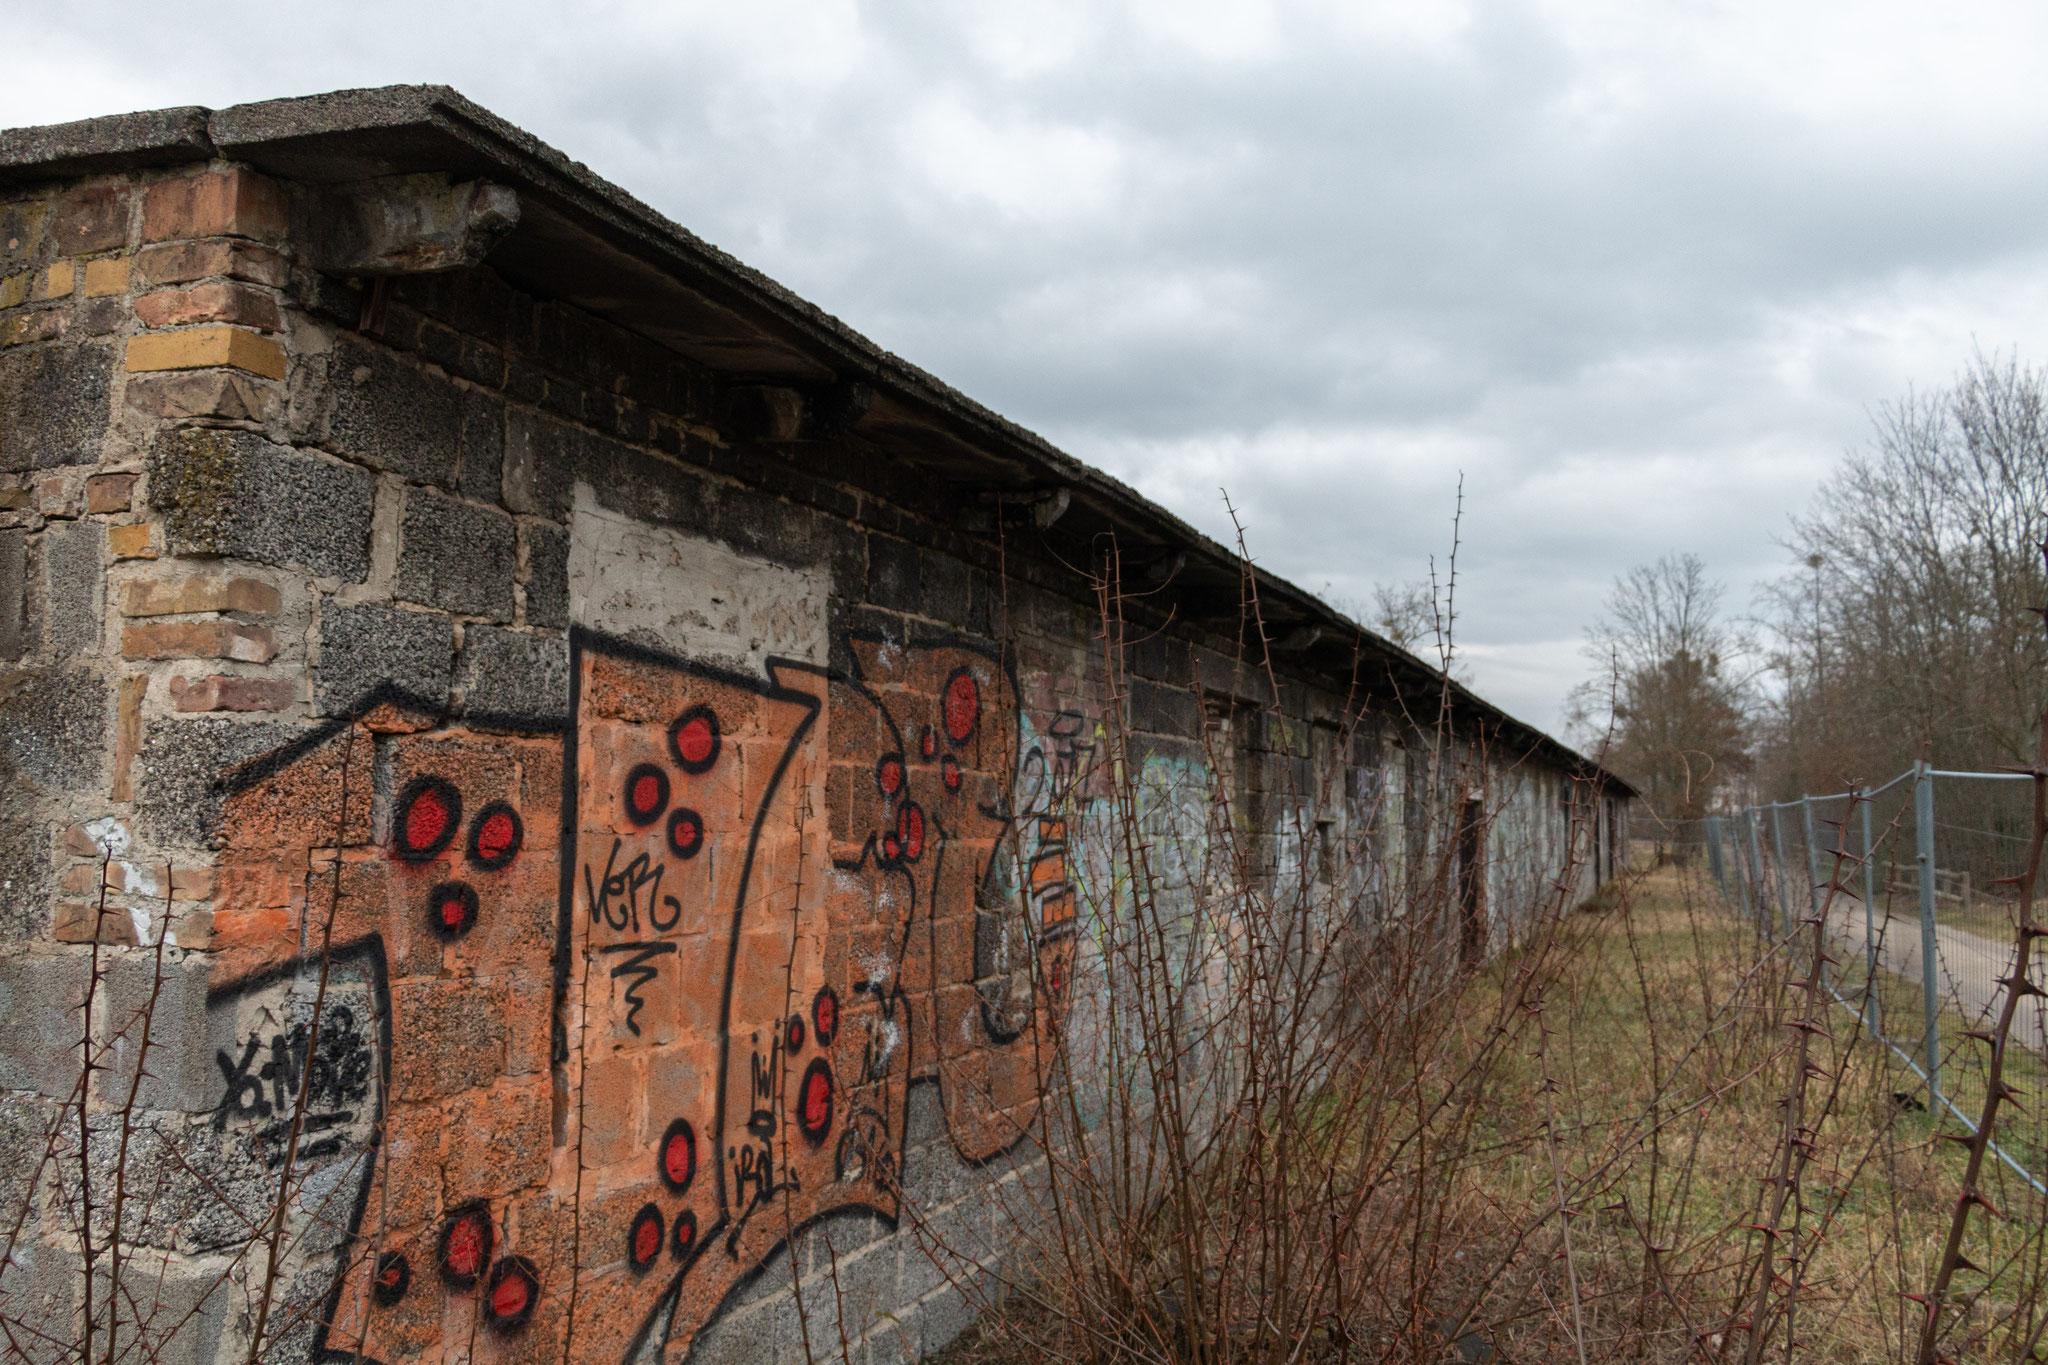 Neben dem KZ-Lager gab es außerdem noch ein Arbeiterlager, Waffen-Produktionsstätten und ein Kriegsgefangenenlager.